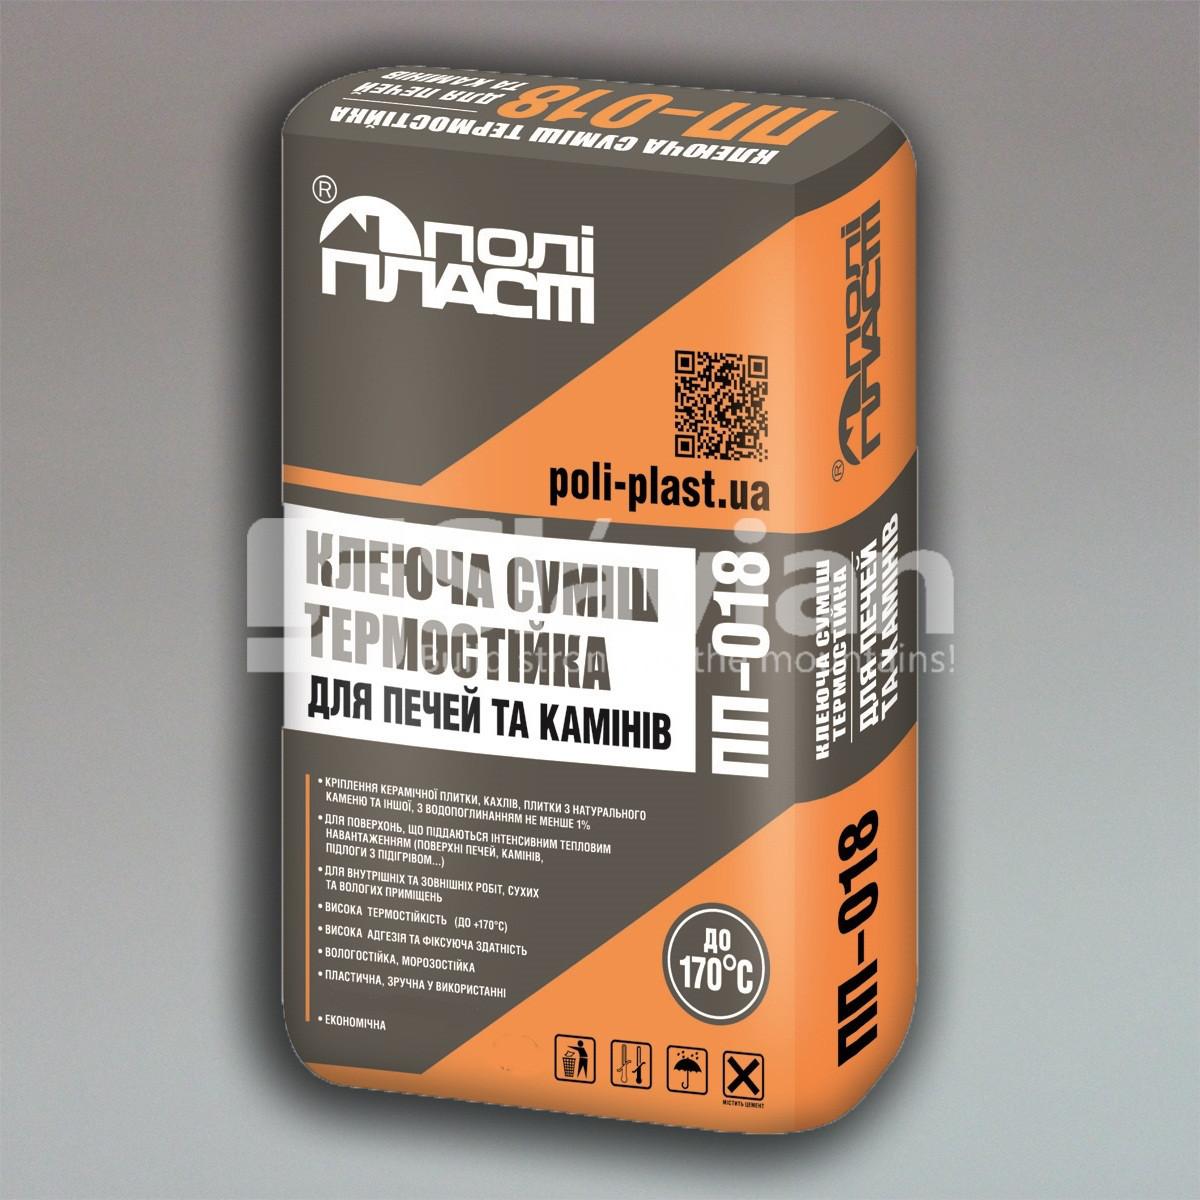 Термостойкая смесь для печей и каминов ПП-018, 20кг